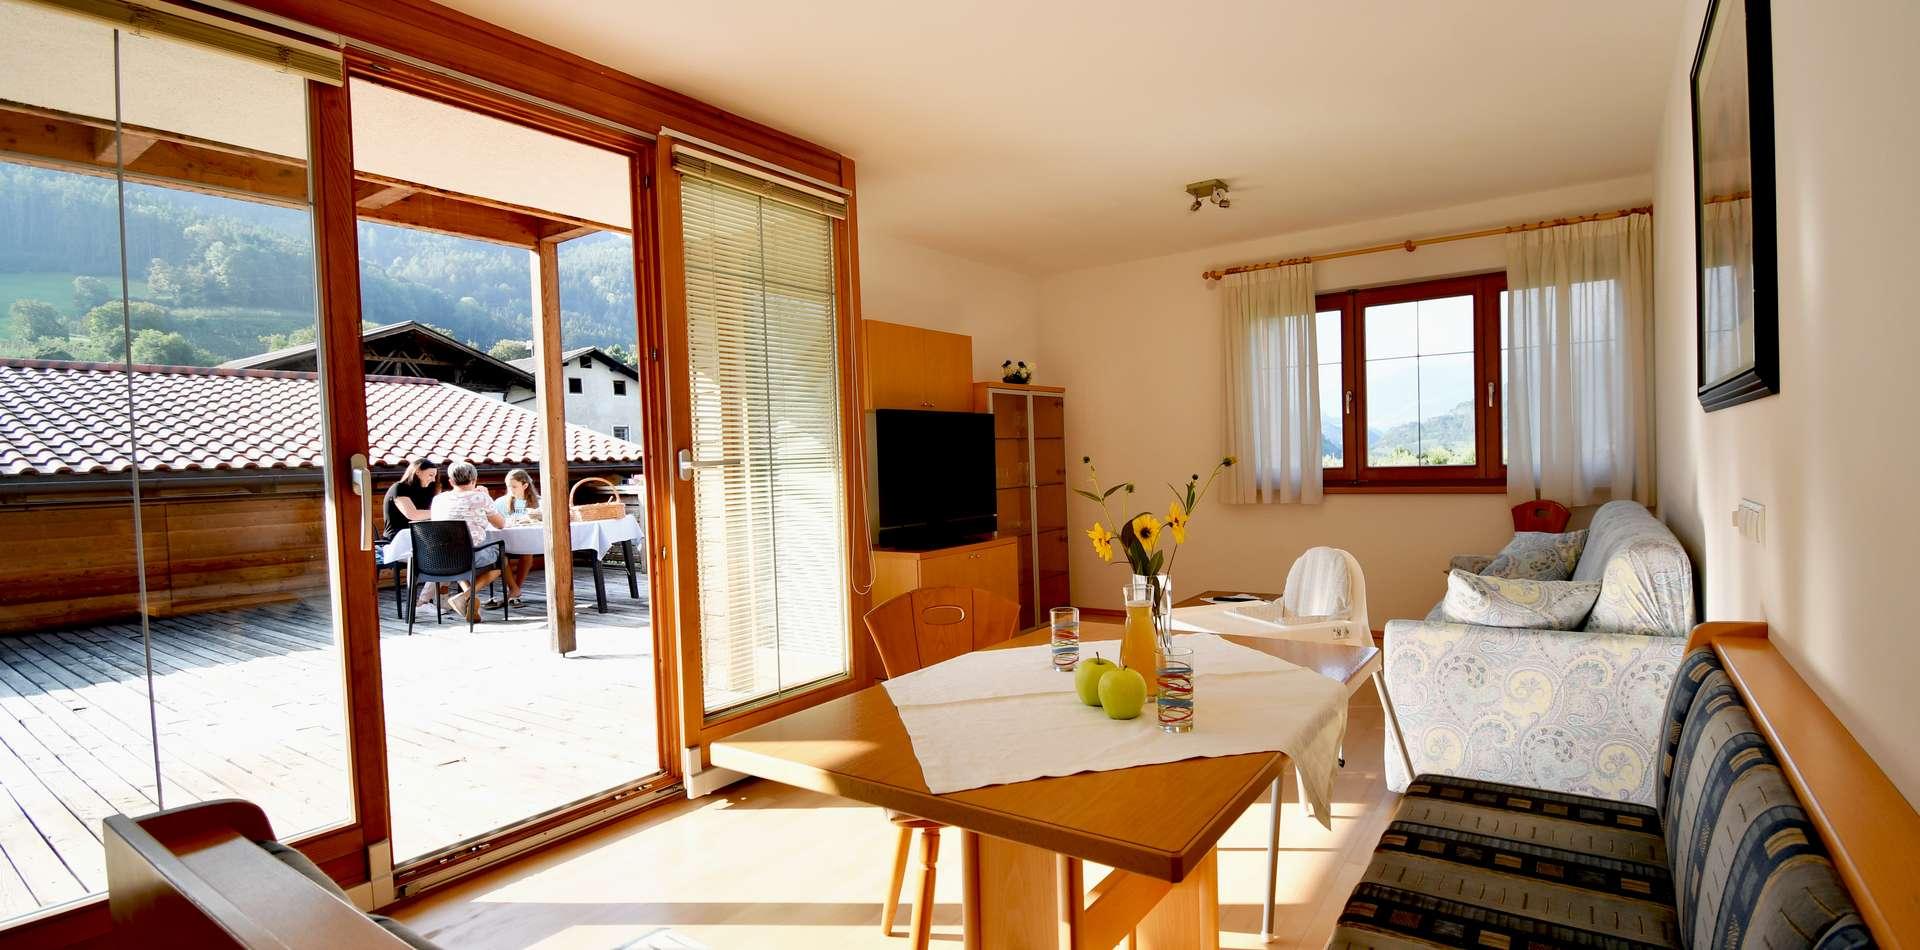 Ferienwohnung in Brixen / Südtirol